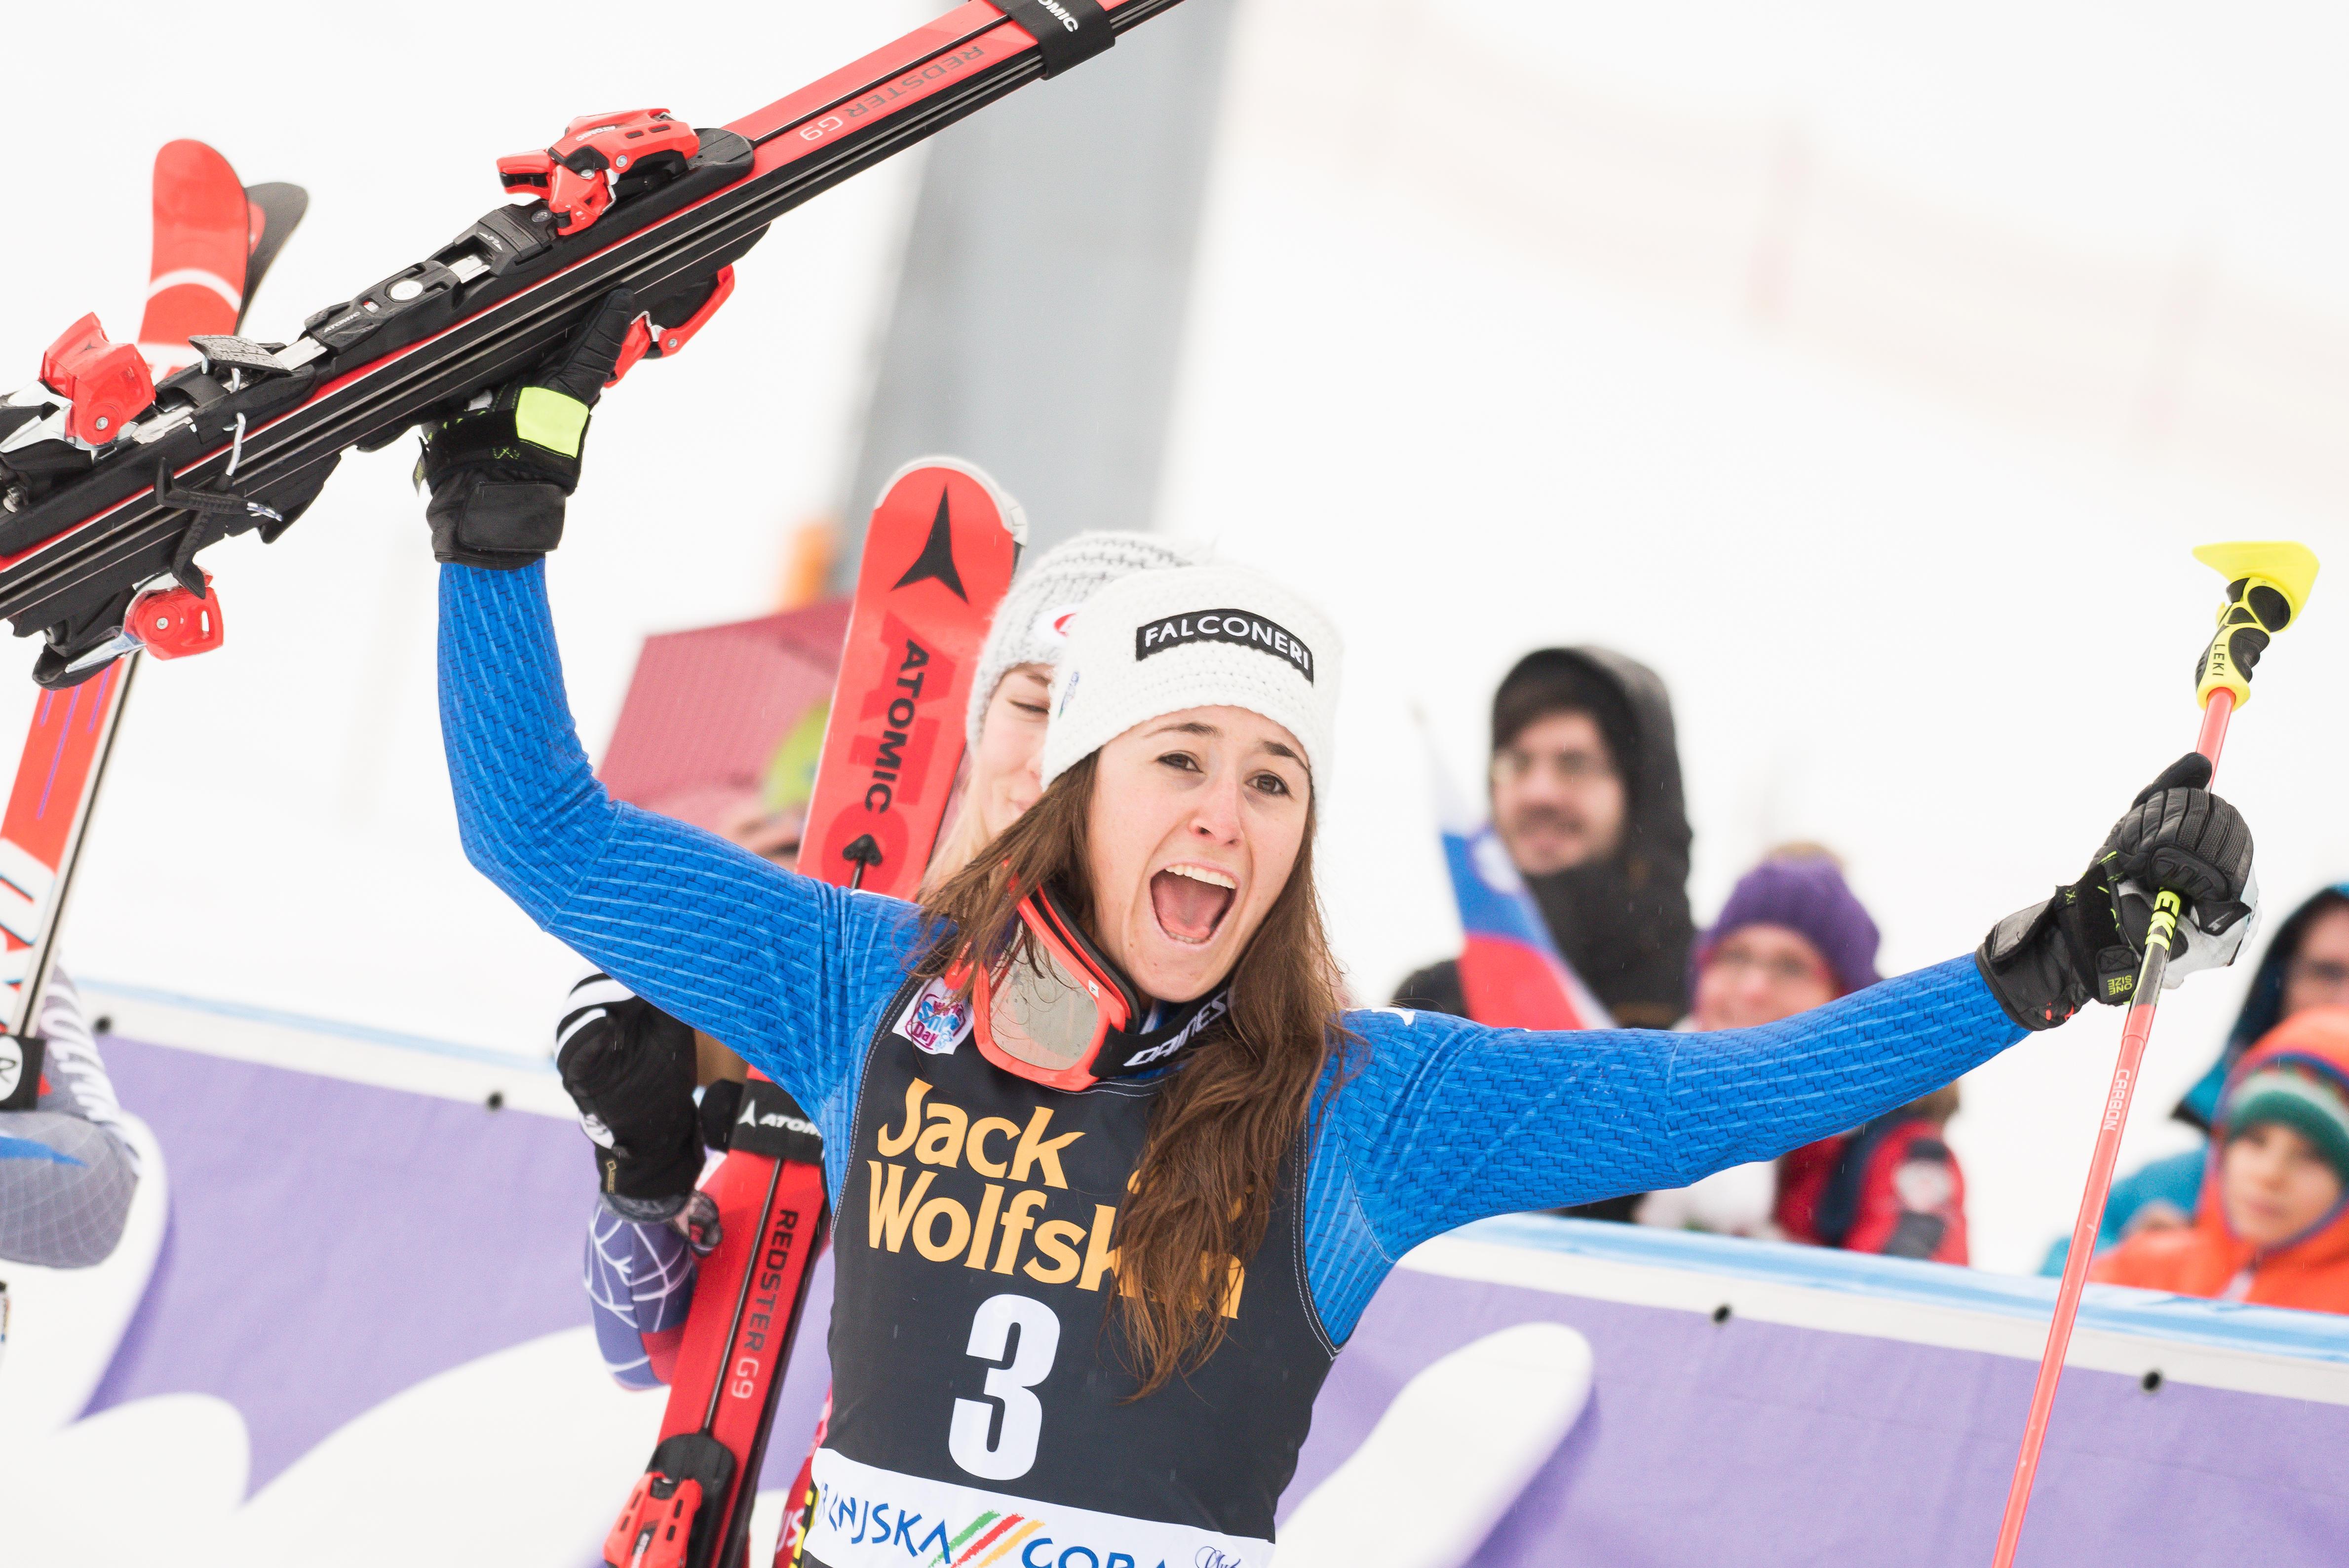 Le foto più belle della sciatrice Sofia Goggia, oro alle Olimpiadi / Image 10